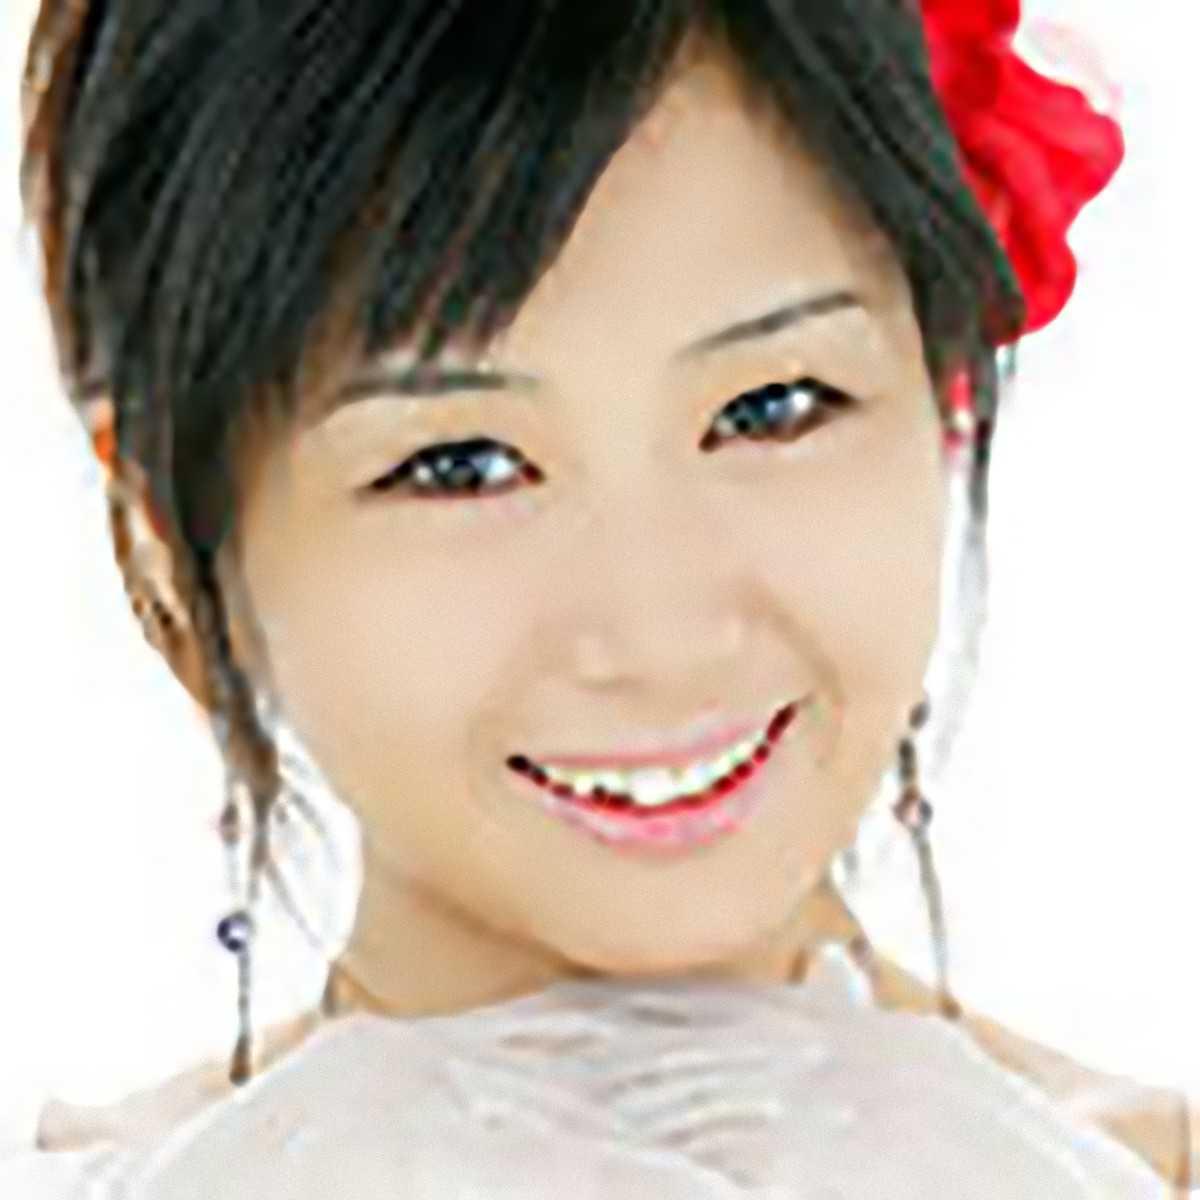 夕樹舞子さんのプロフィールと画像集13ページ目   AV女優画像-ラブコアラ-